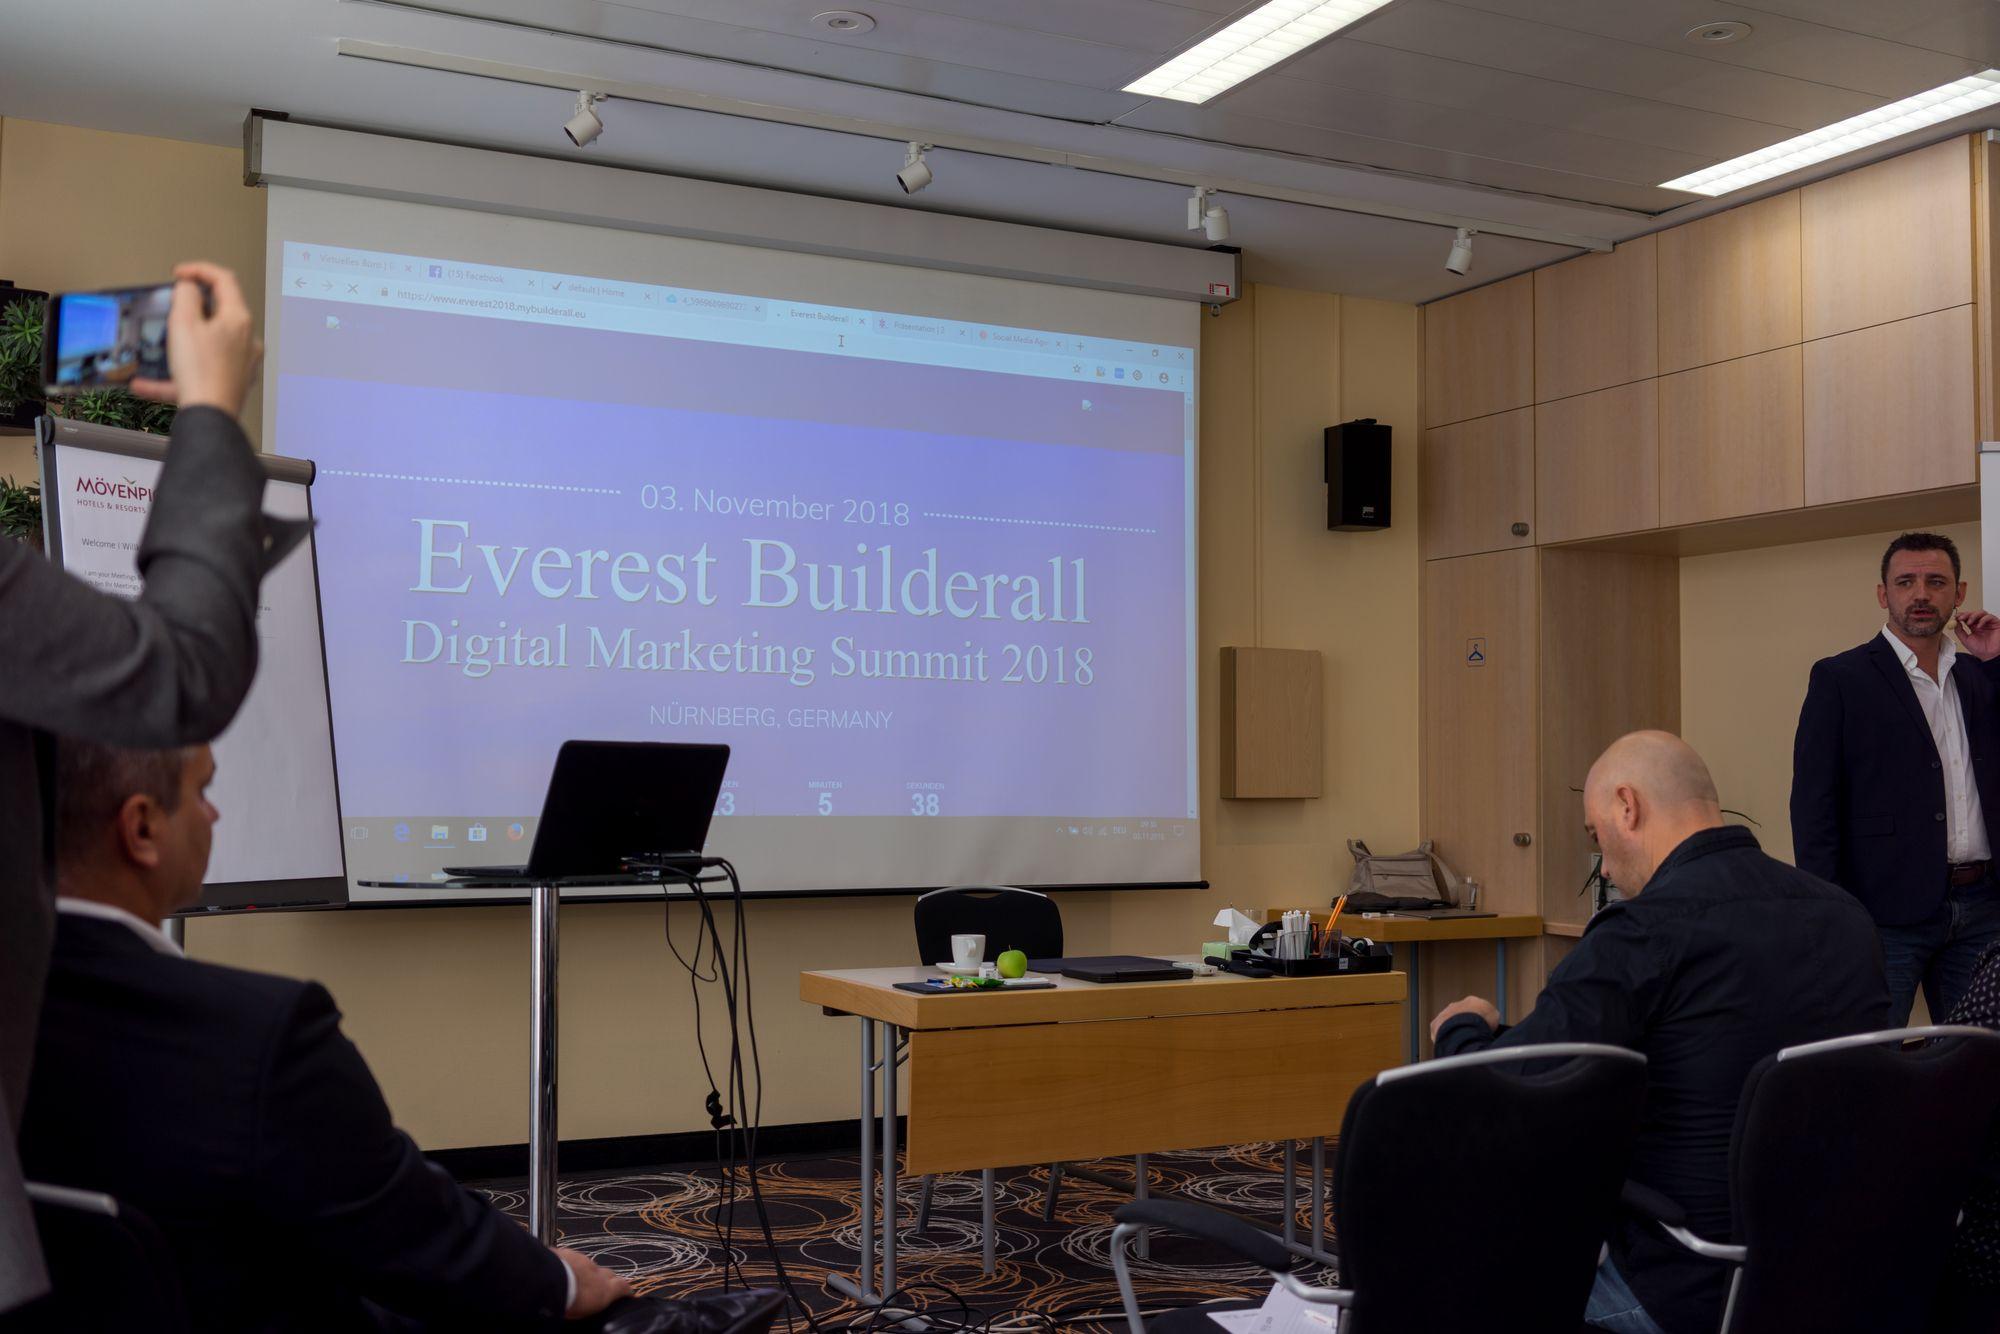 Builderall Everest 2018 in Nürnberg (Germany)